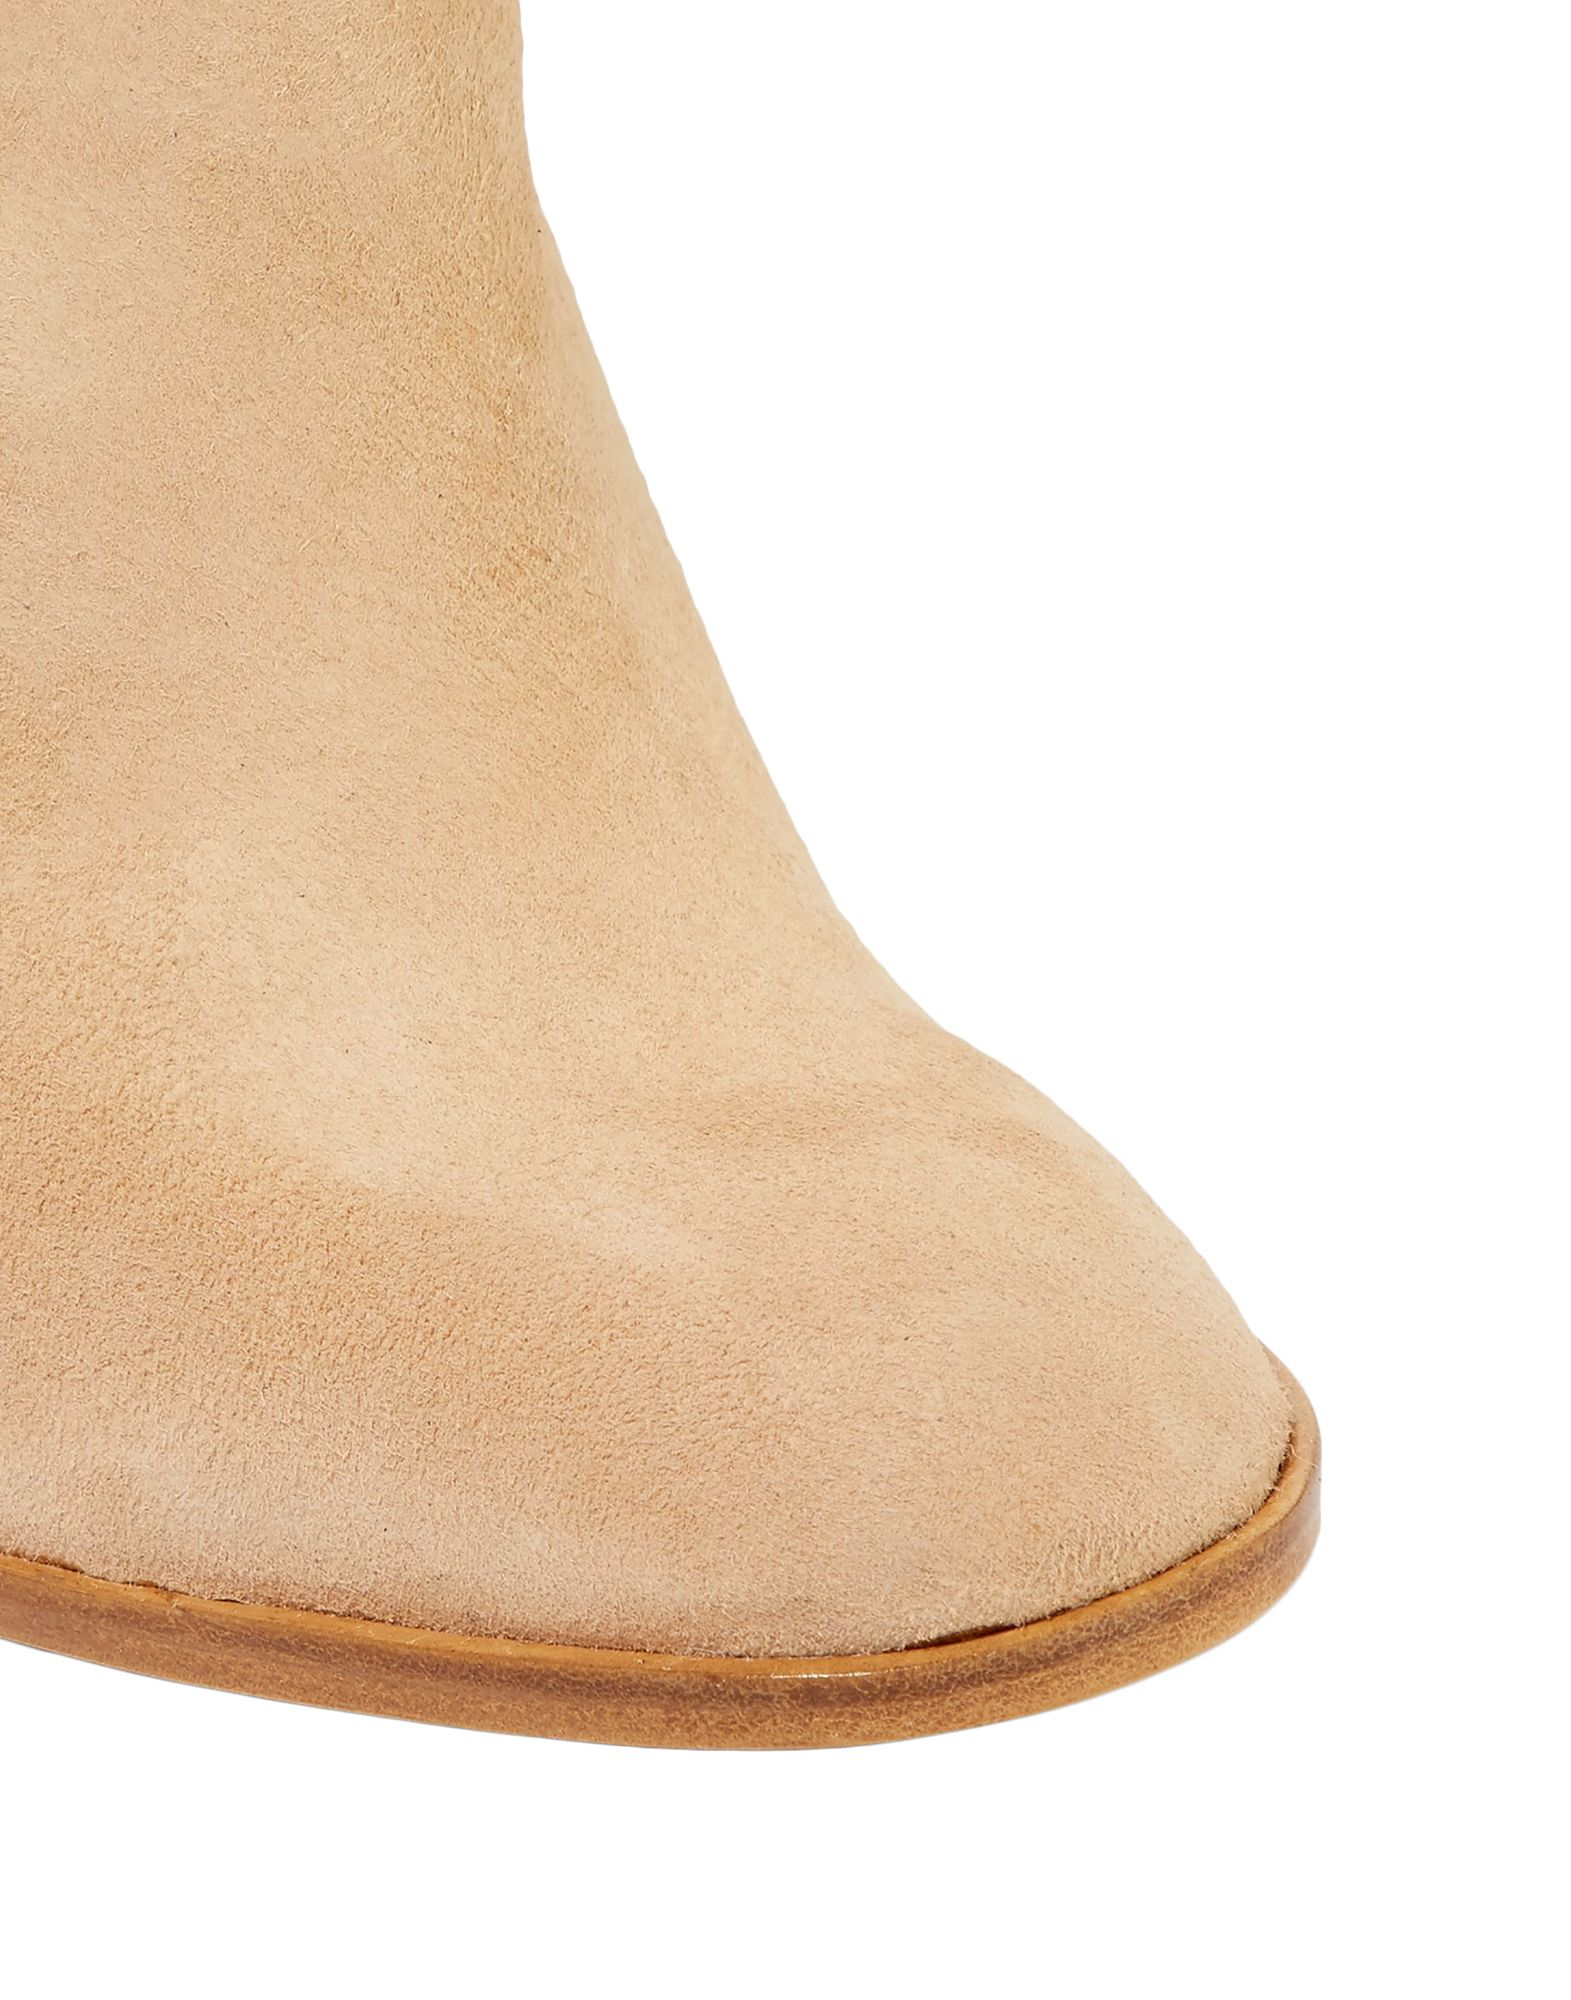 Stilvolle billige Schuhe Schutz  Stiefelette Damen  Schutz 11565607EQ 2fb2f0